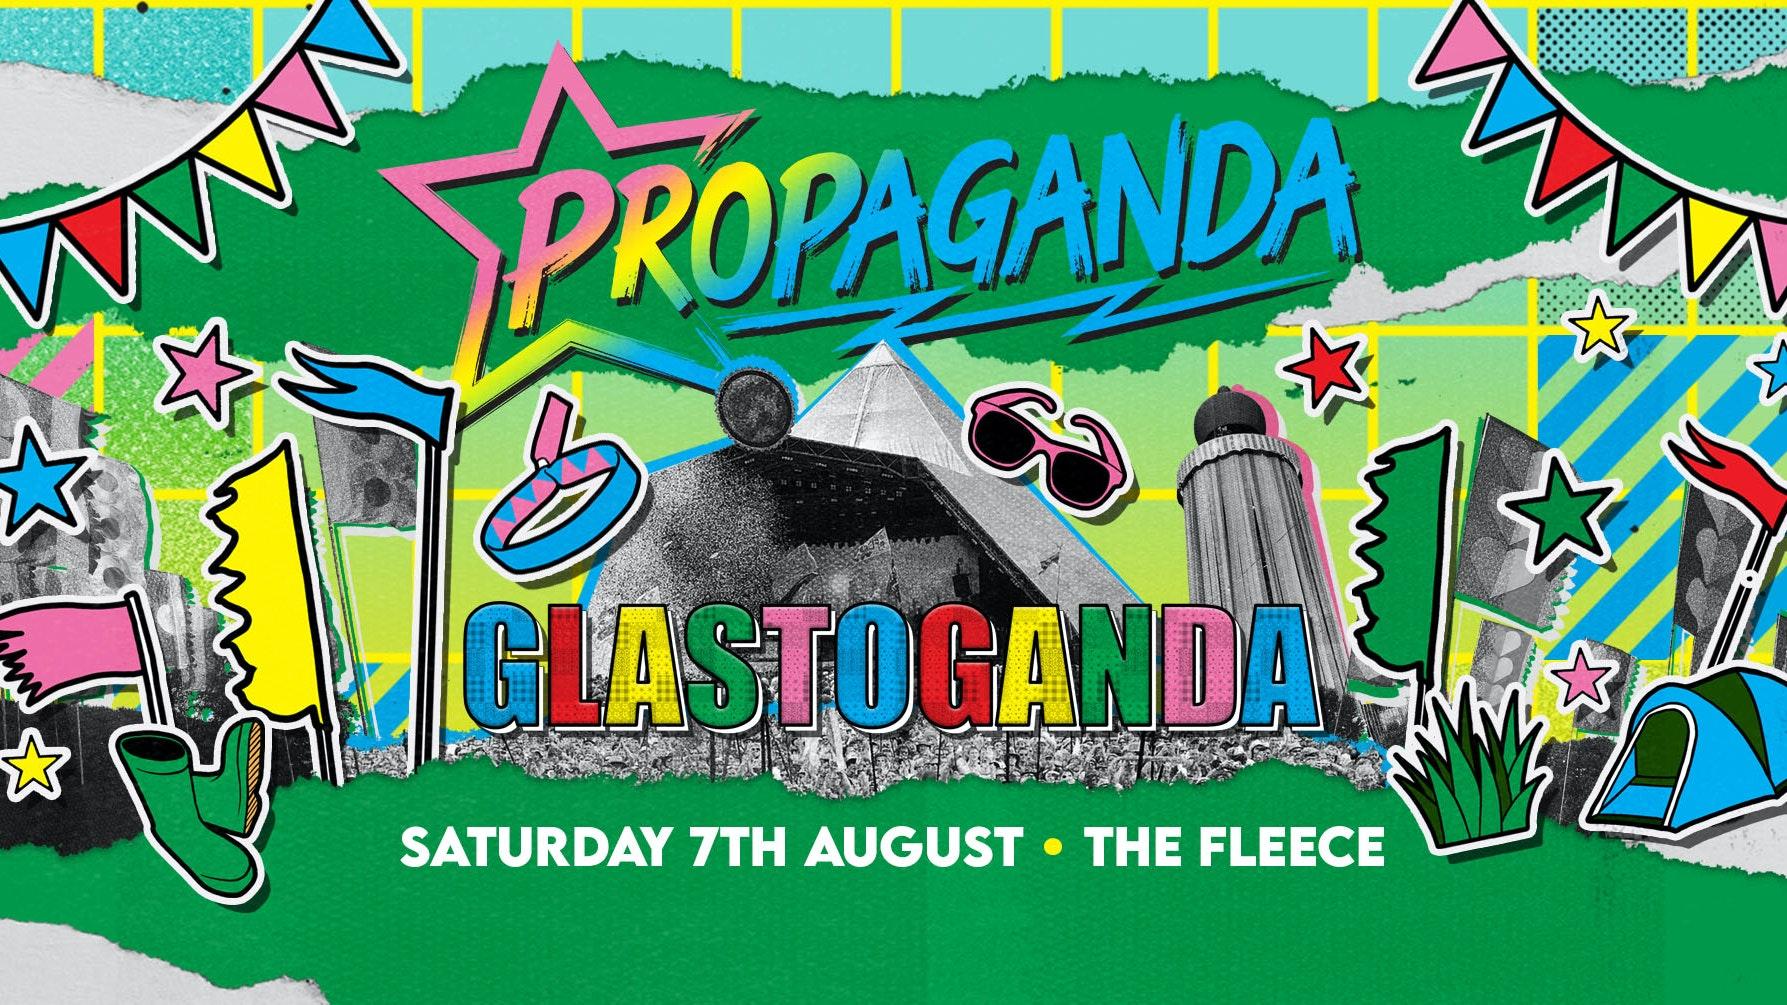 Propaganda Bristol – Glastoganda